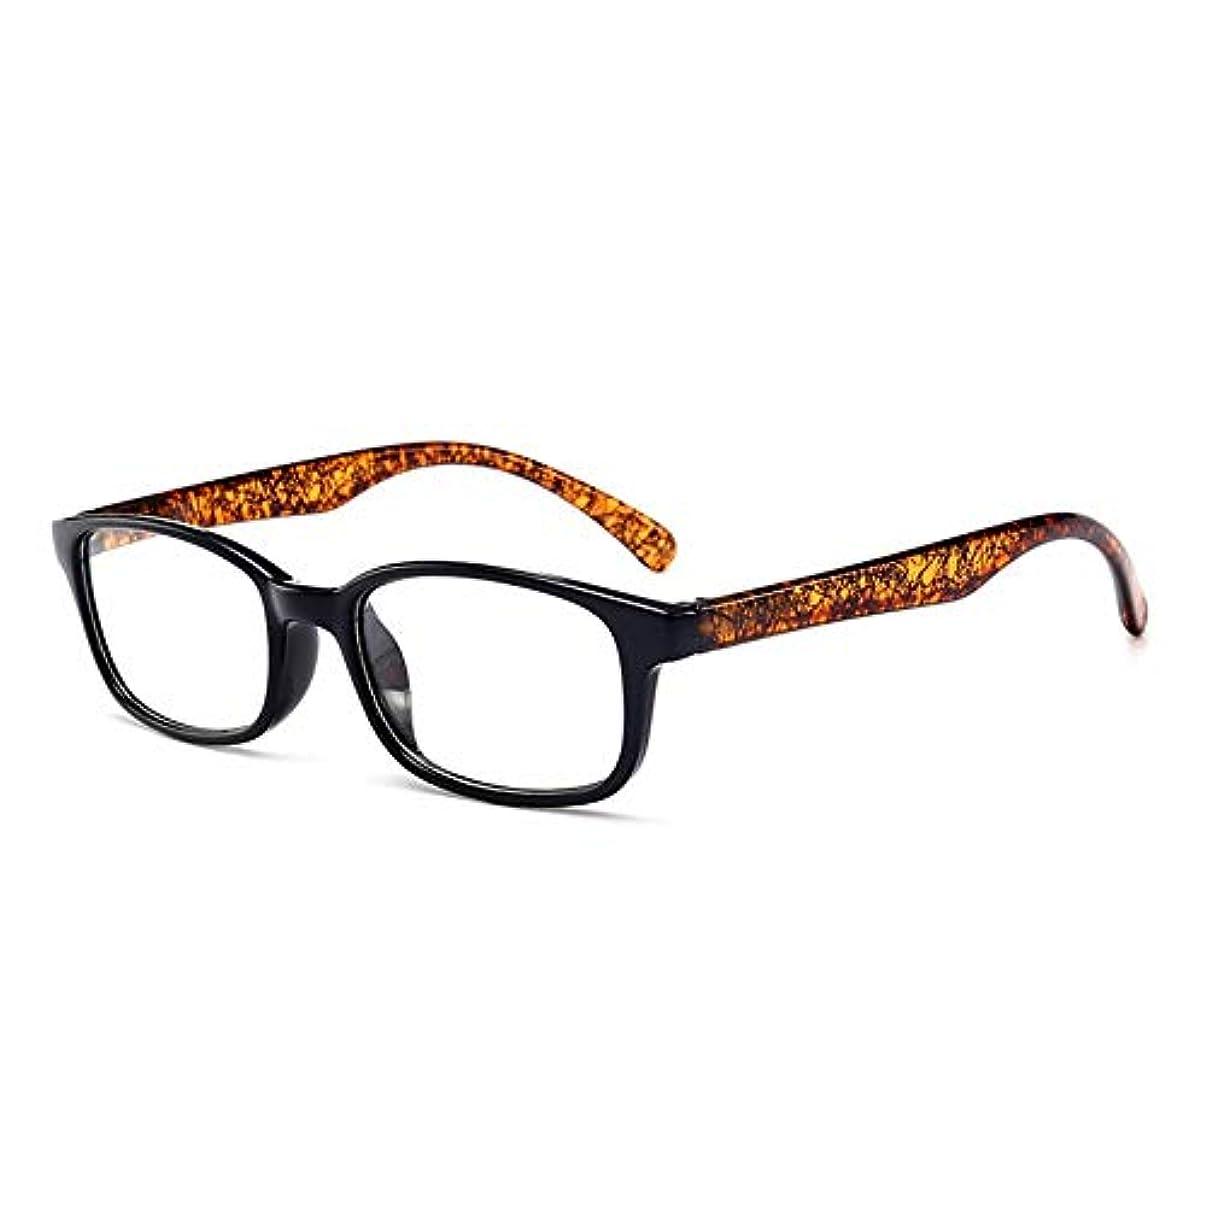 オーバーフローベイビーチロT980老眼鏡視度+1.0?+4.0女性男性フルフレームラウンドレンズ老視メガネ超軽量抗疲労-ブラウン100